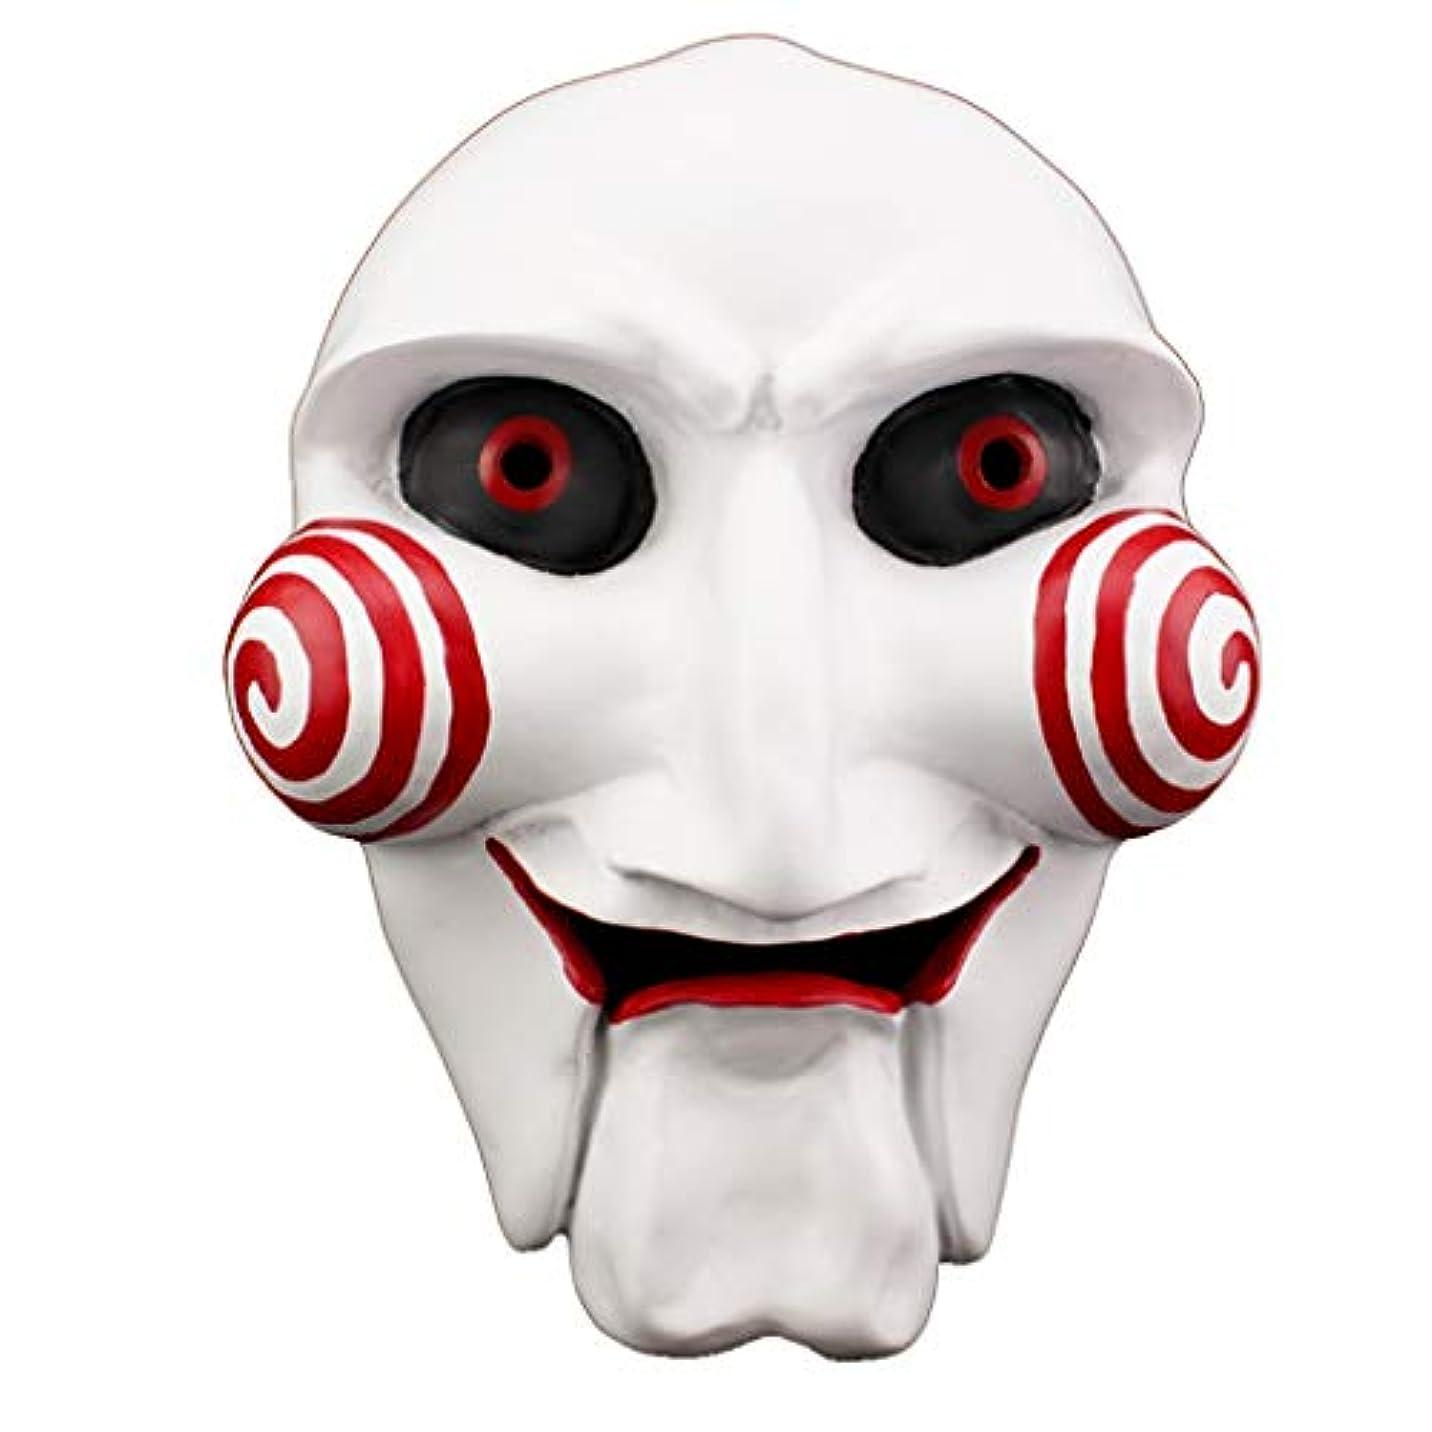 平和マルクス主義者違反ハロウィンホラーマスクダンスパーティーメンズキラーデビルメイク樹脂マスク